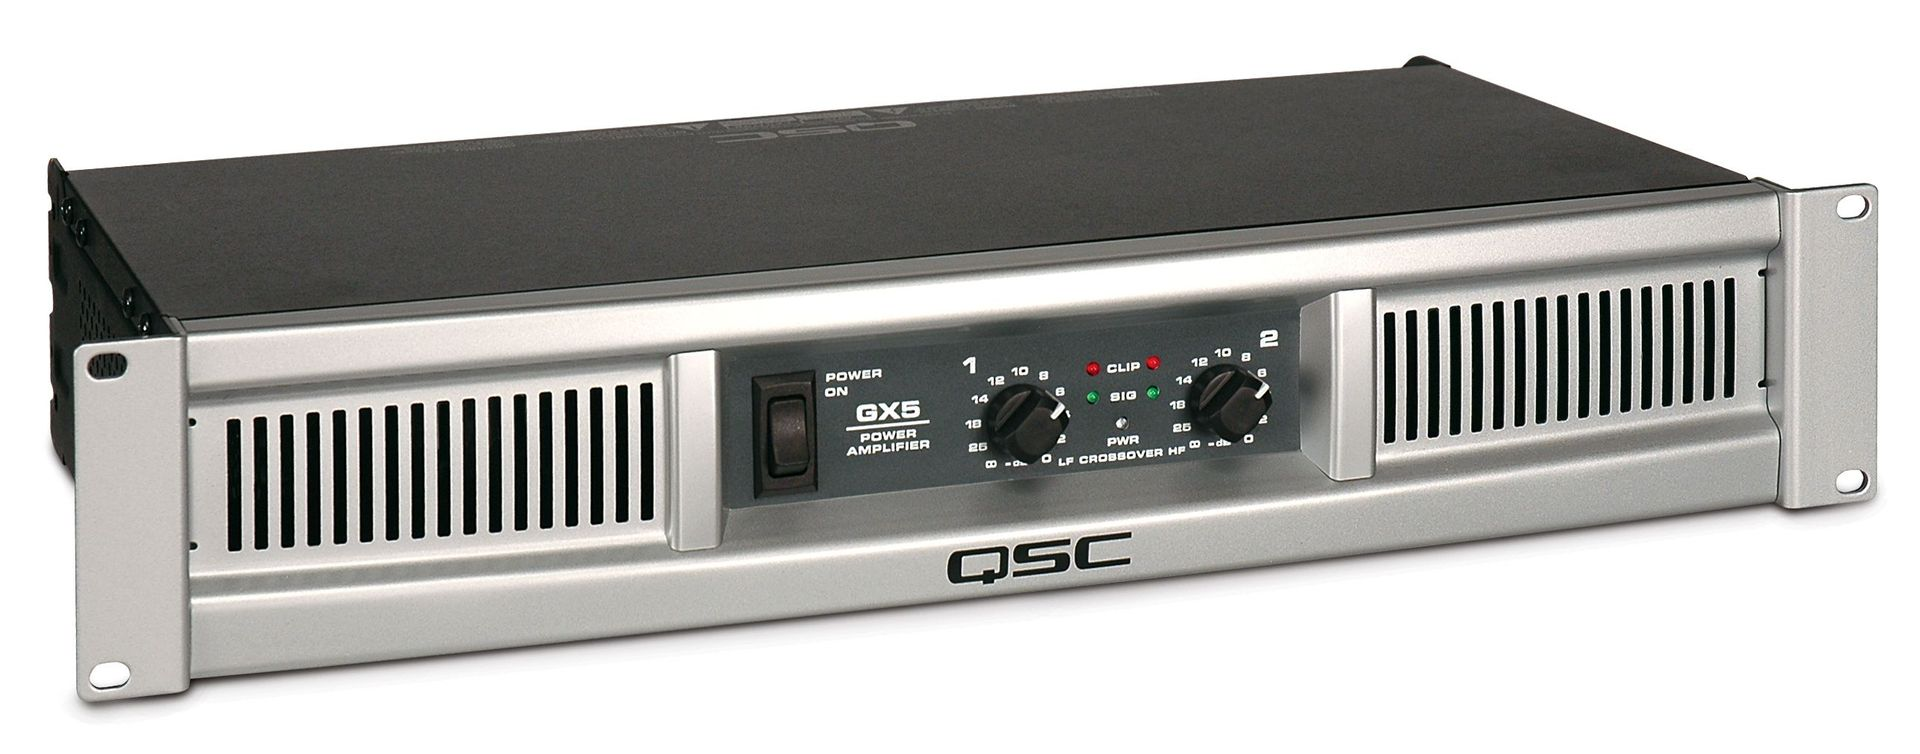 QSC GX 5 Endstufe 2x 700 Watt Power Amp 850 Watt Verstärker 2 HE